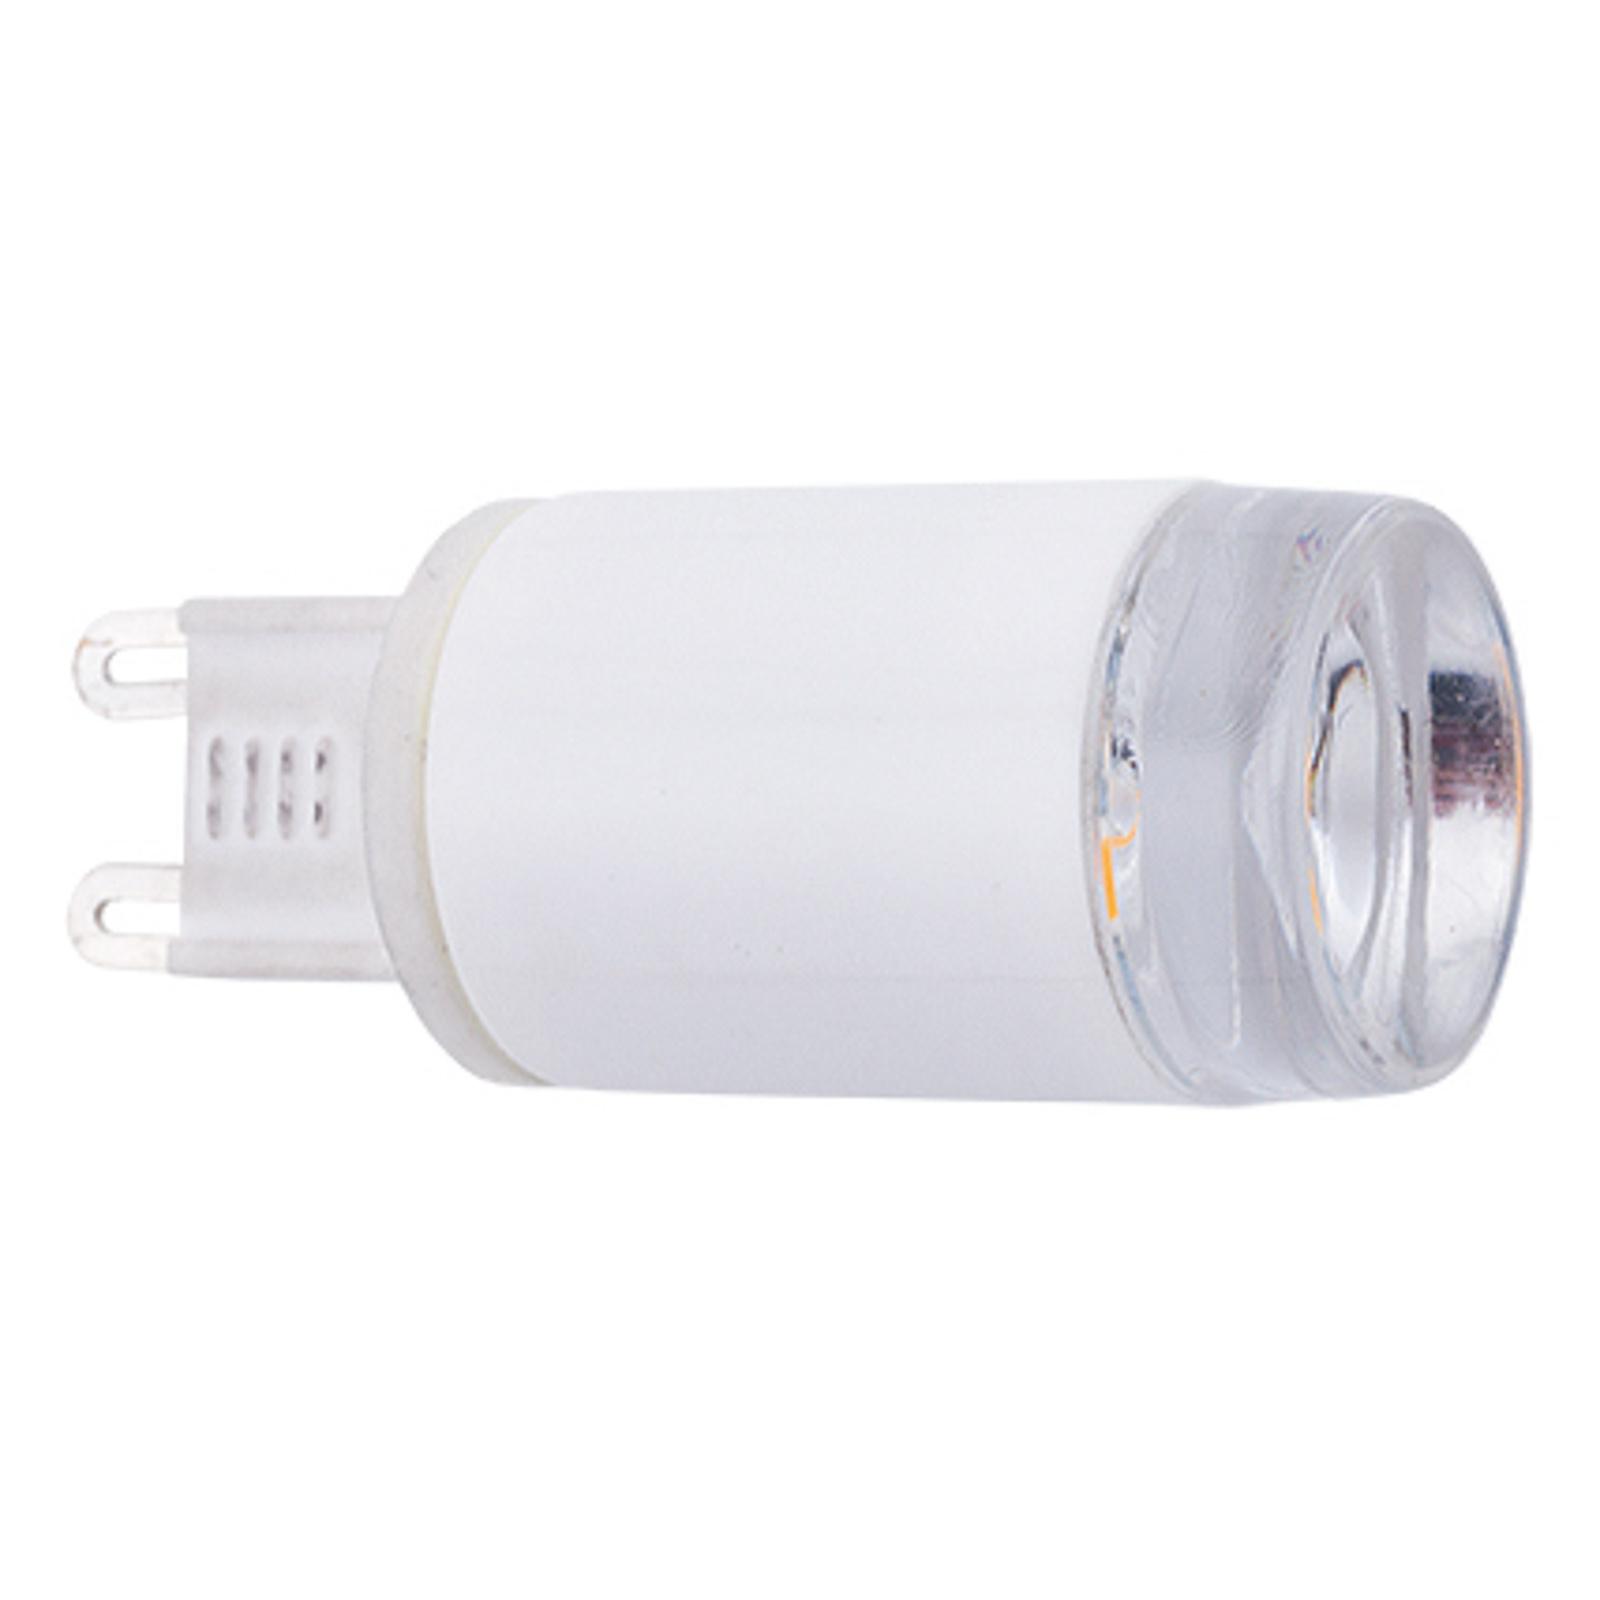 Ampoule LED G9 3W, 280lm, 3000K, 120°